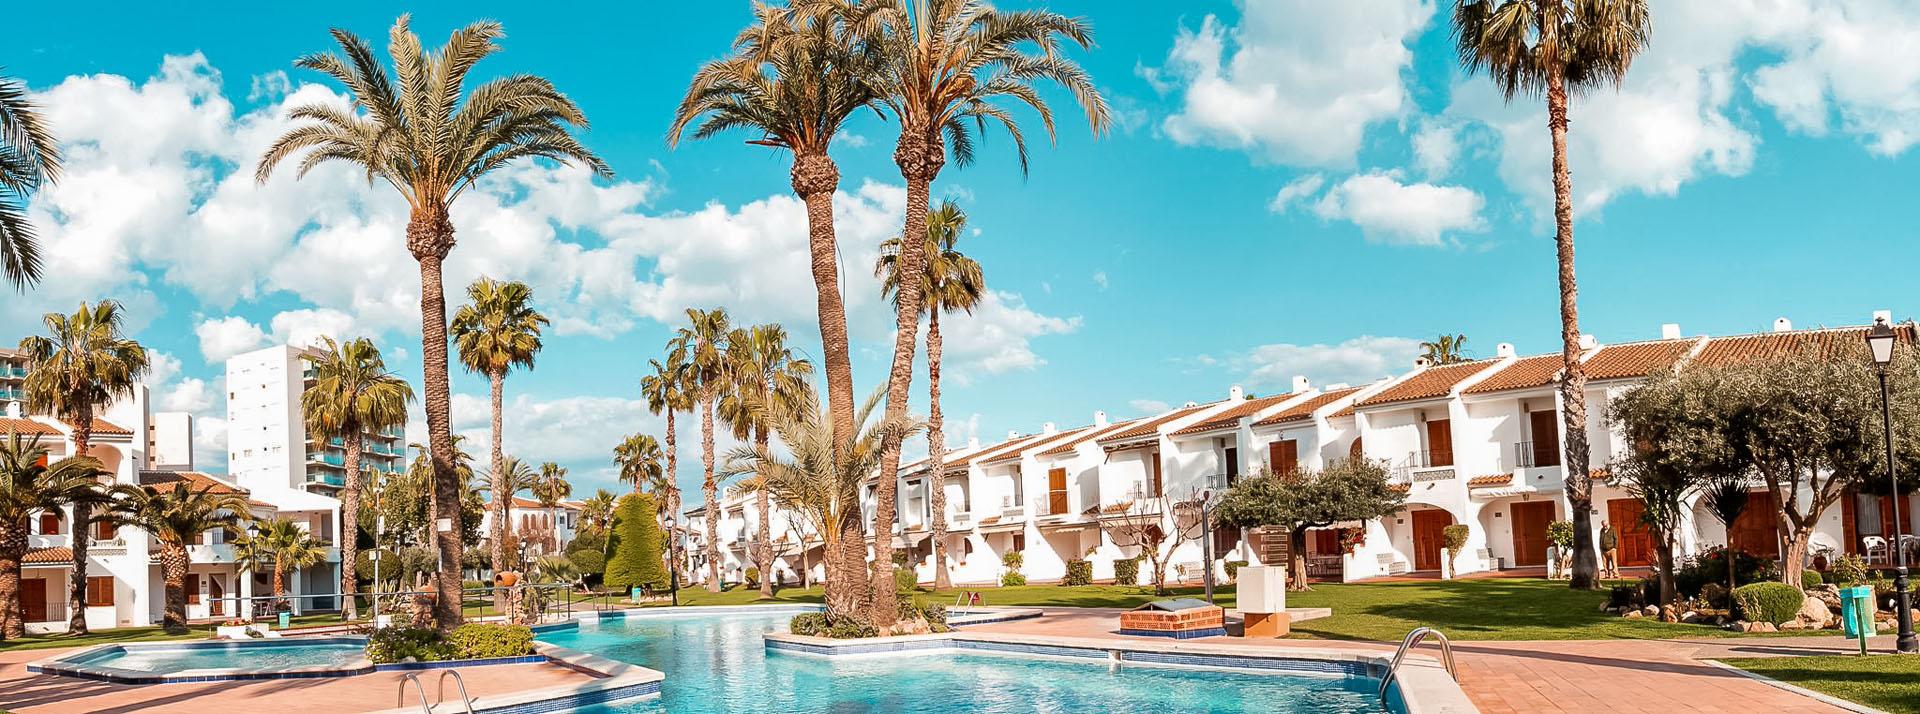 Inmobiliarias Murcia